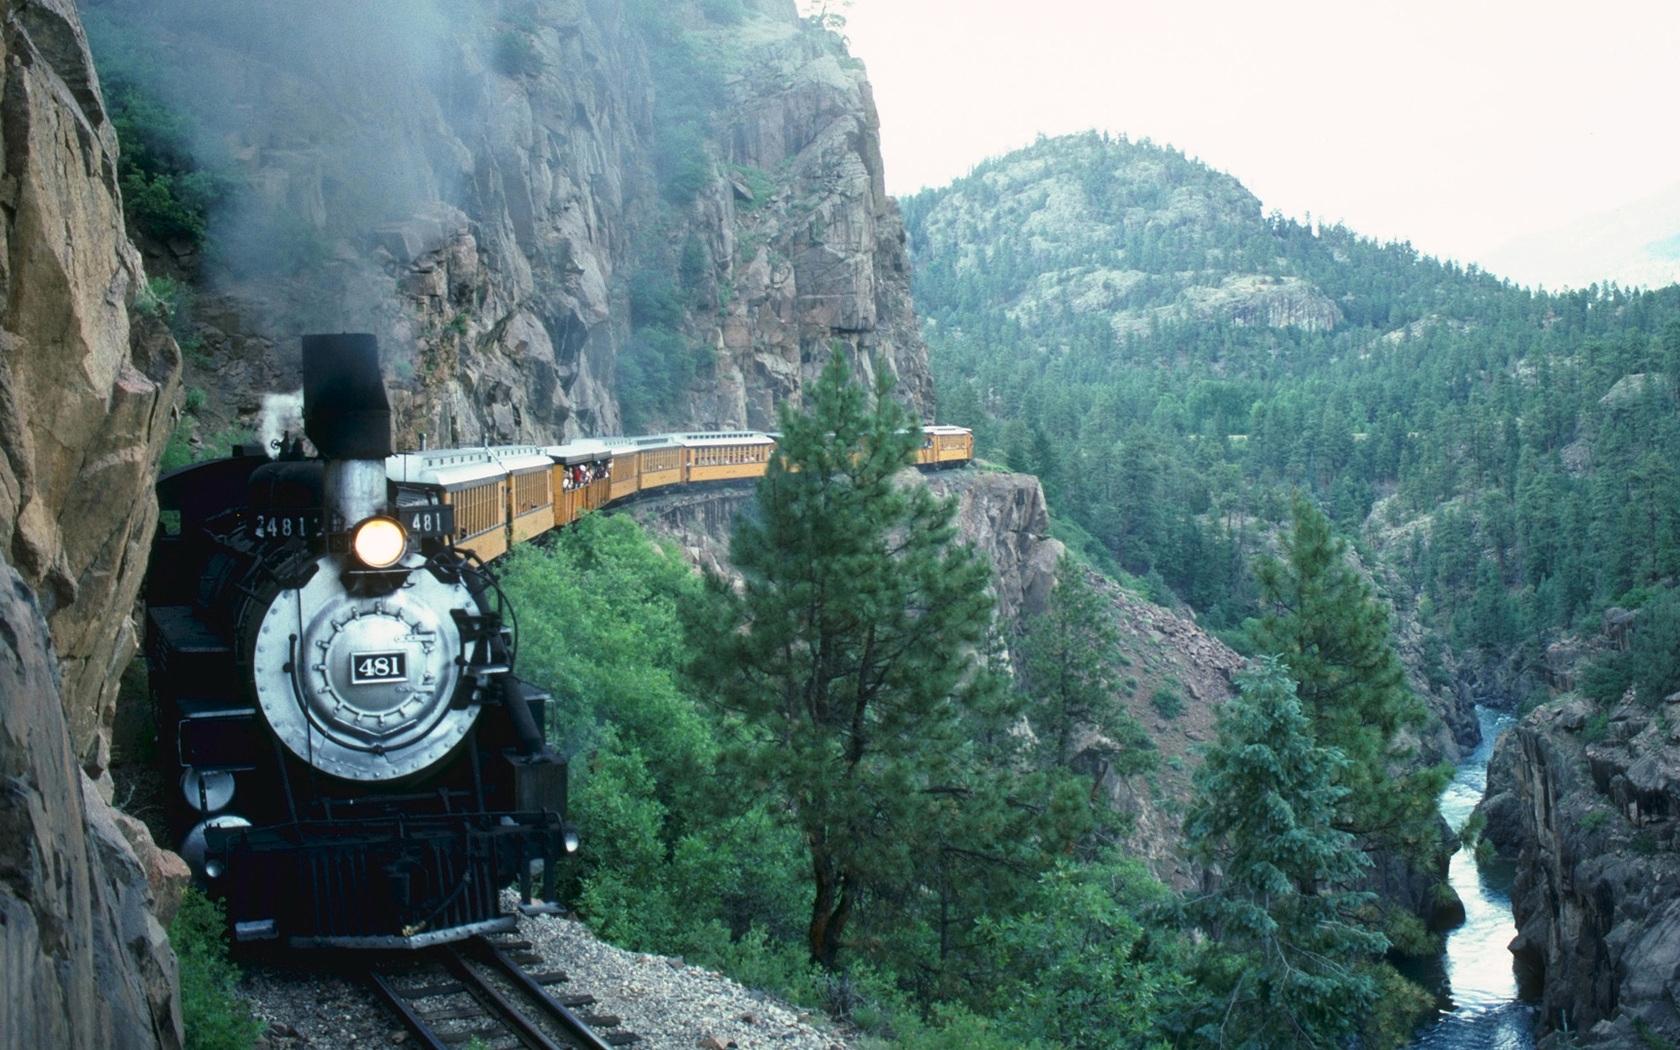 48329壁紙のダウンロード輸送, 風景, 自然, 列車-スクリーンセーバーと写真を無料で